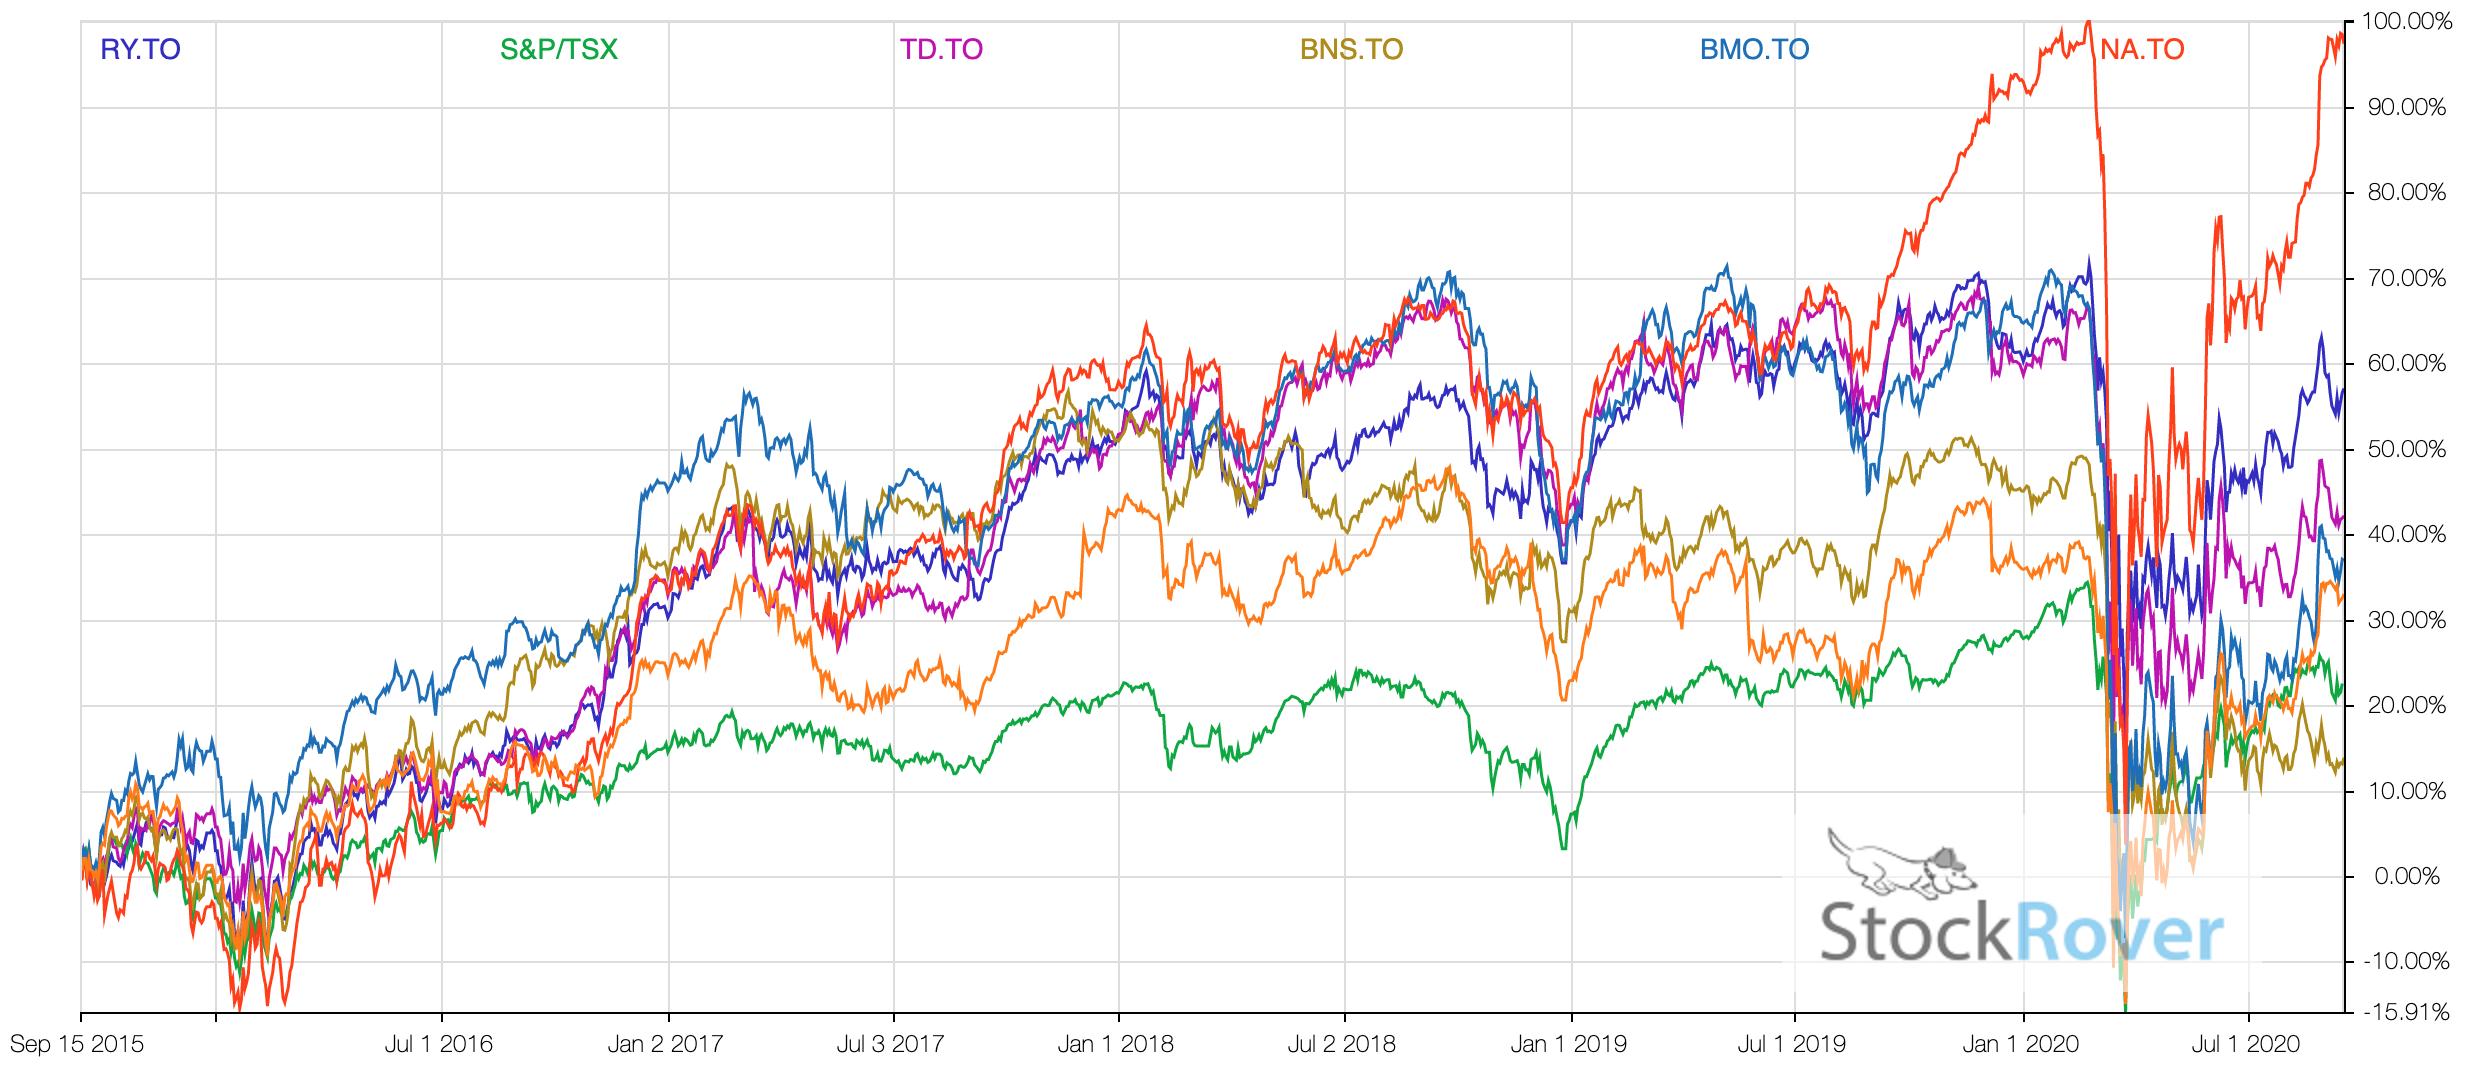 Banks vs Banks - 2020